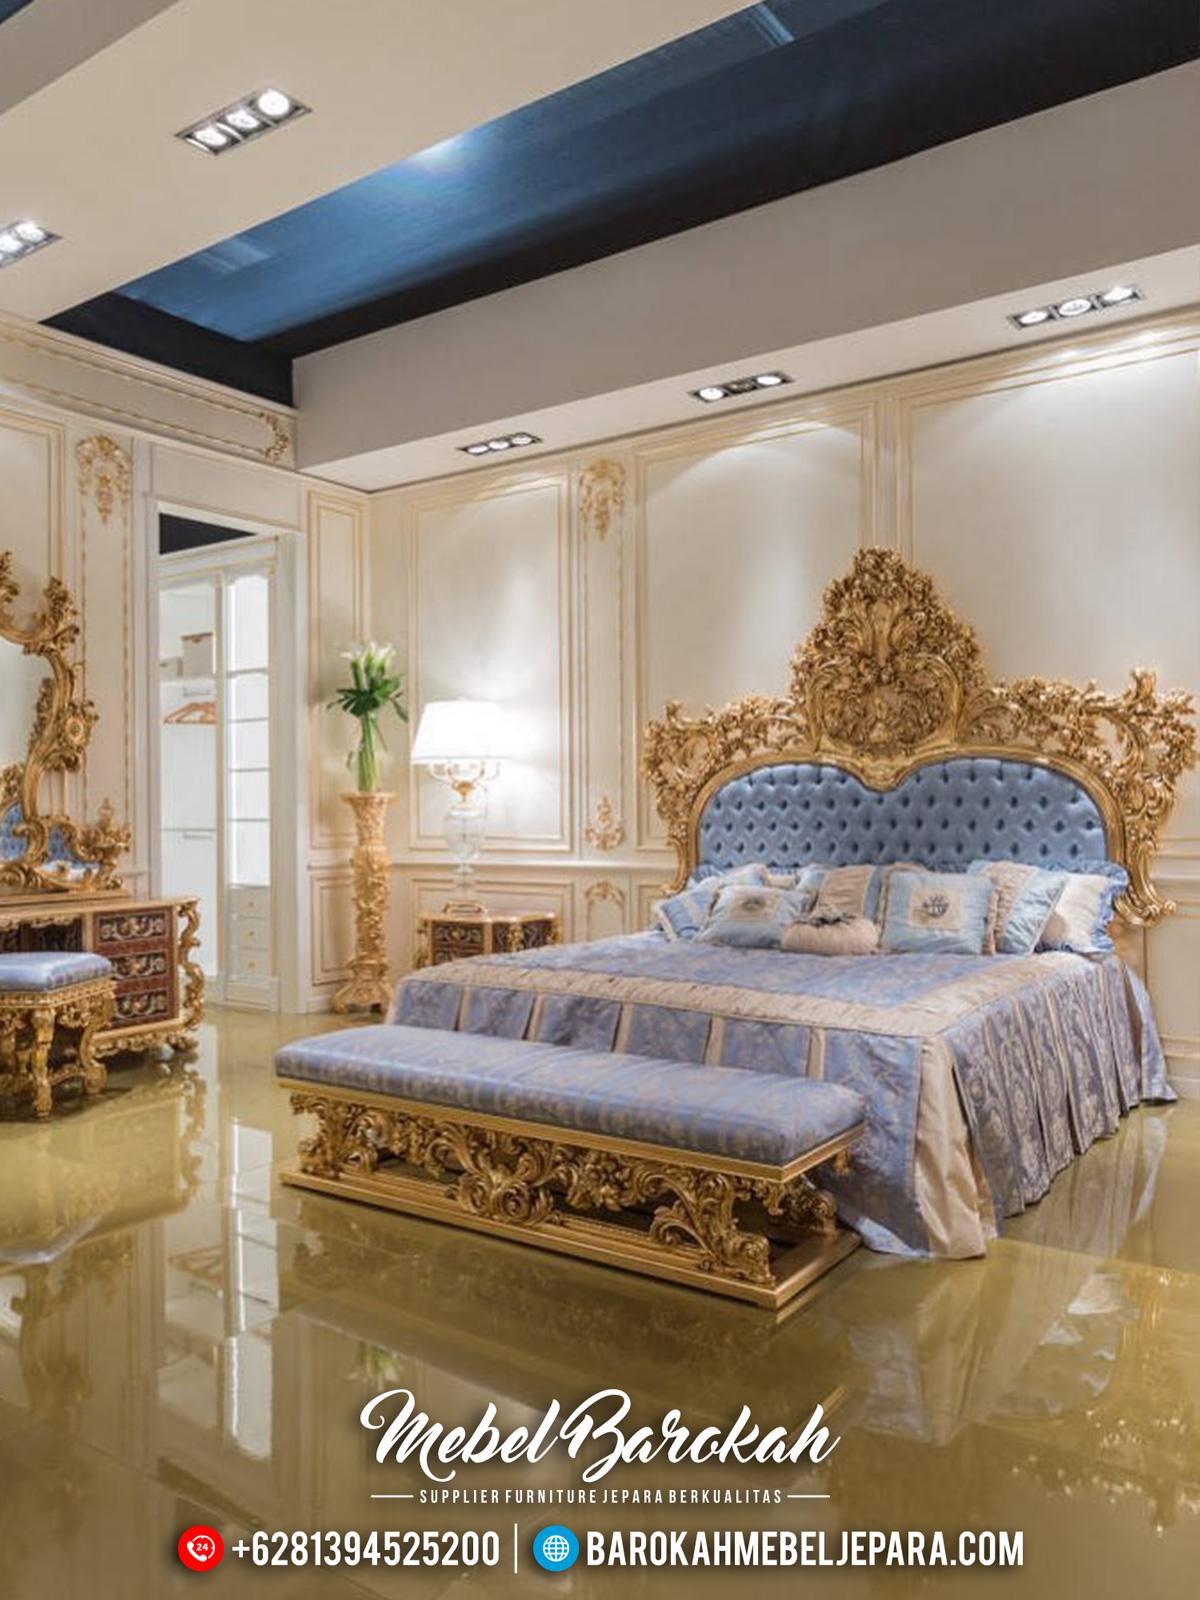 Tempat Tidur Mewah Jepara, Bedroom Set Luxury Classic Ukiran Jepara MB-0449